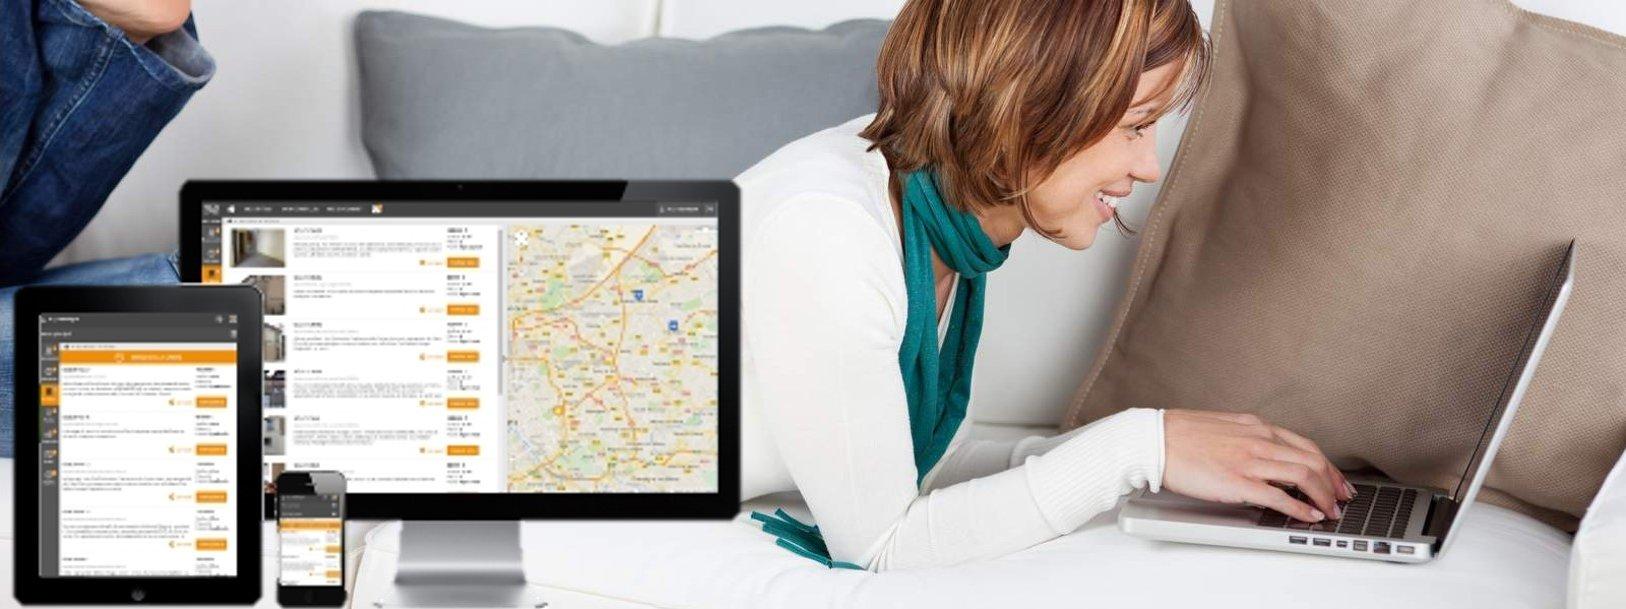 Achat immobilier expatriés Espace client Net Acheteur recherche immobilière